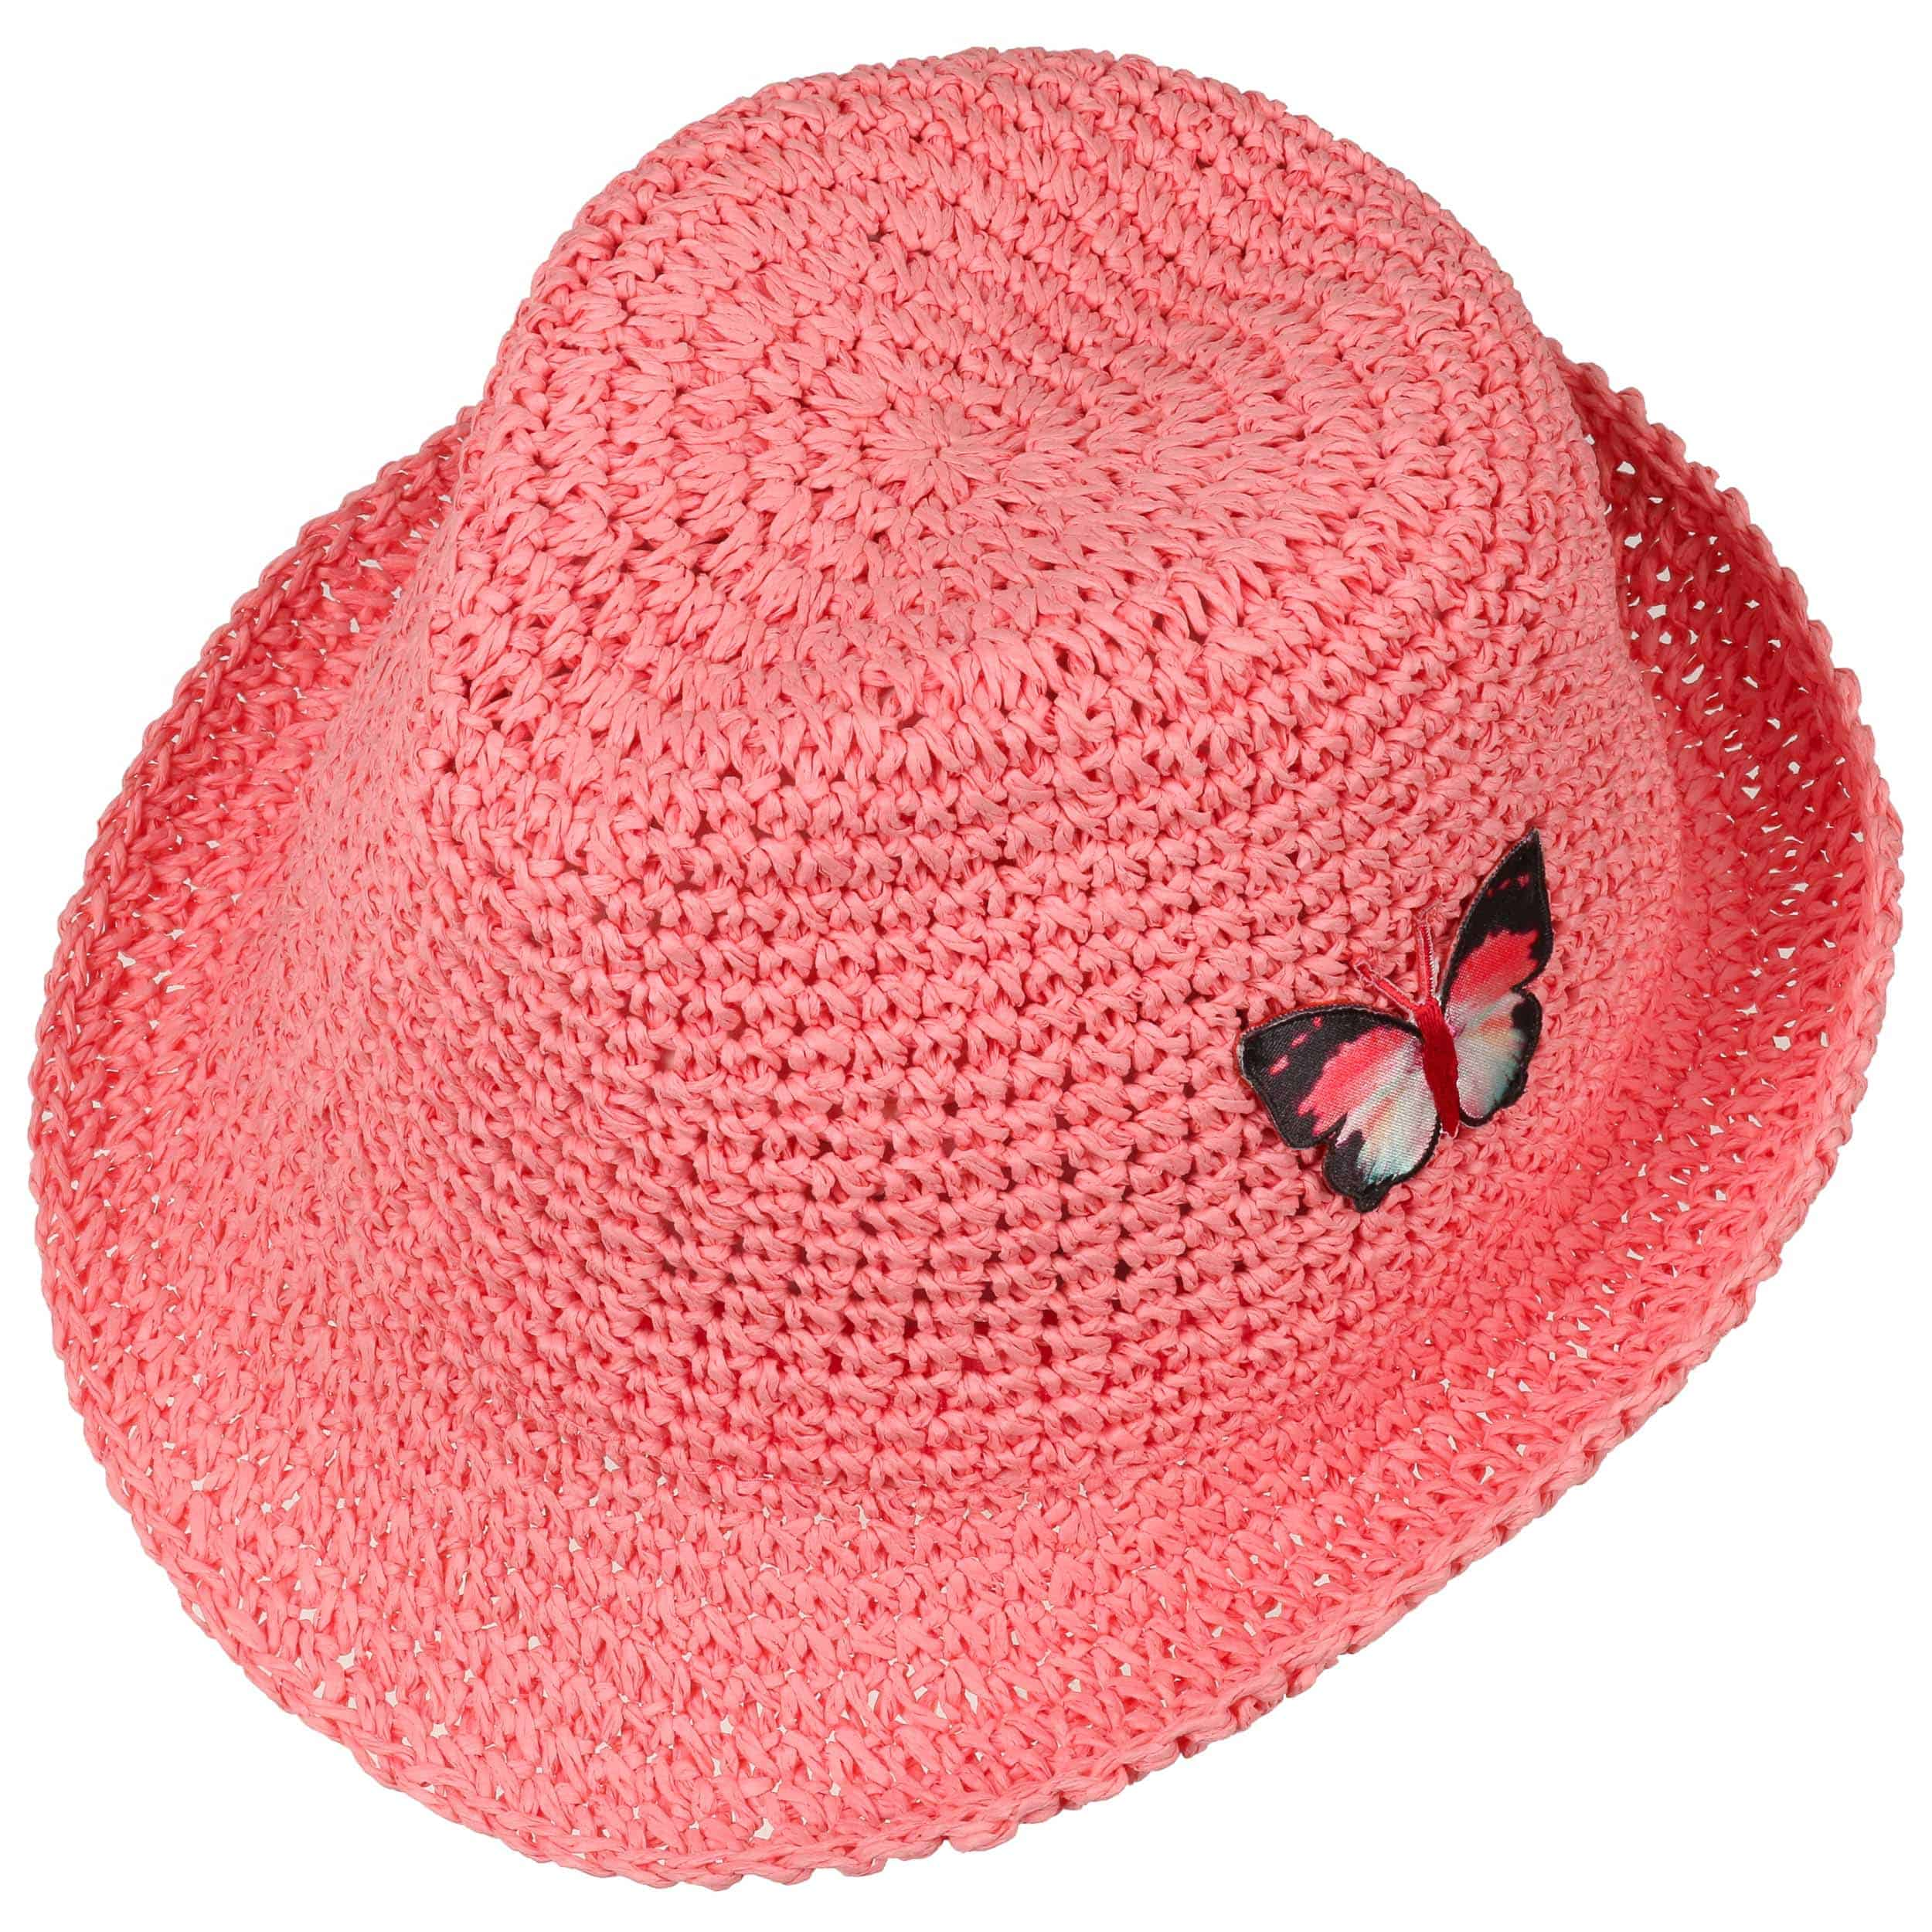 ... Farfalla Trilby da Bambina by maximo - pink 1 ... f5f081e032d2